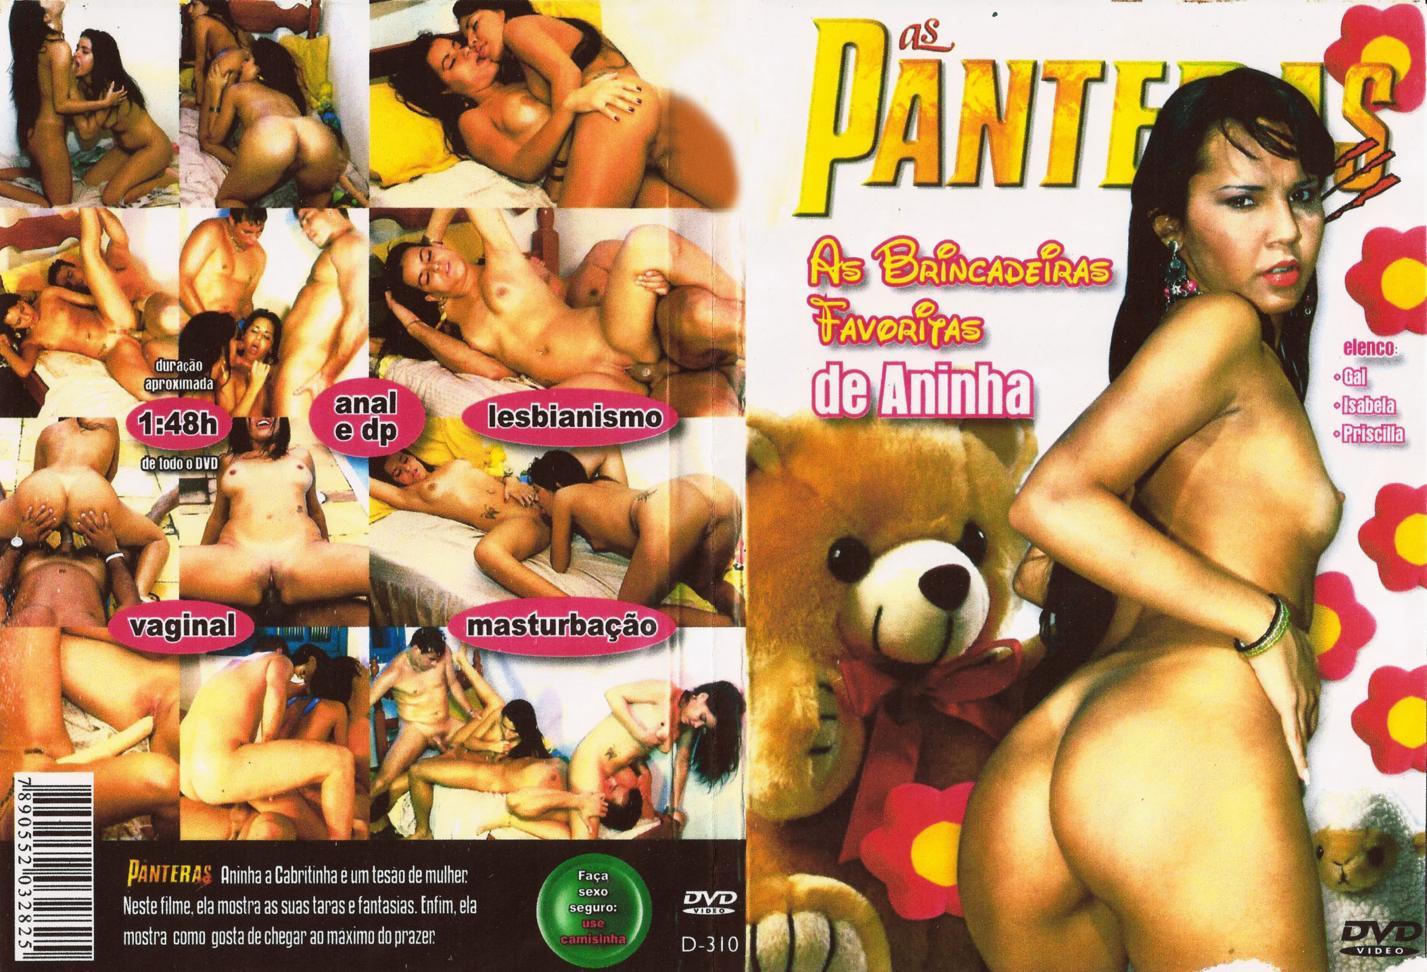 carnaval das panteras Redtube Free